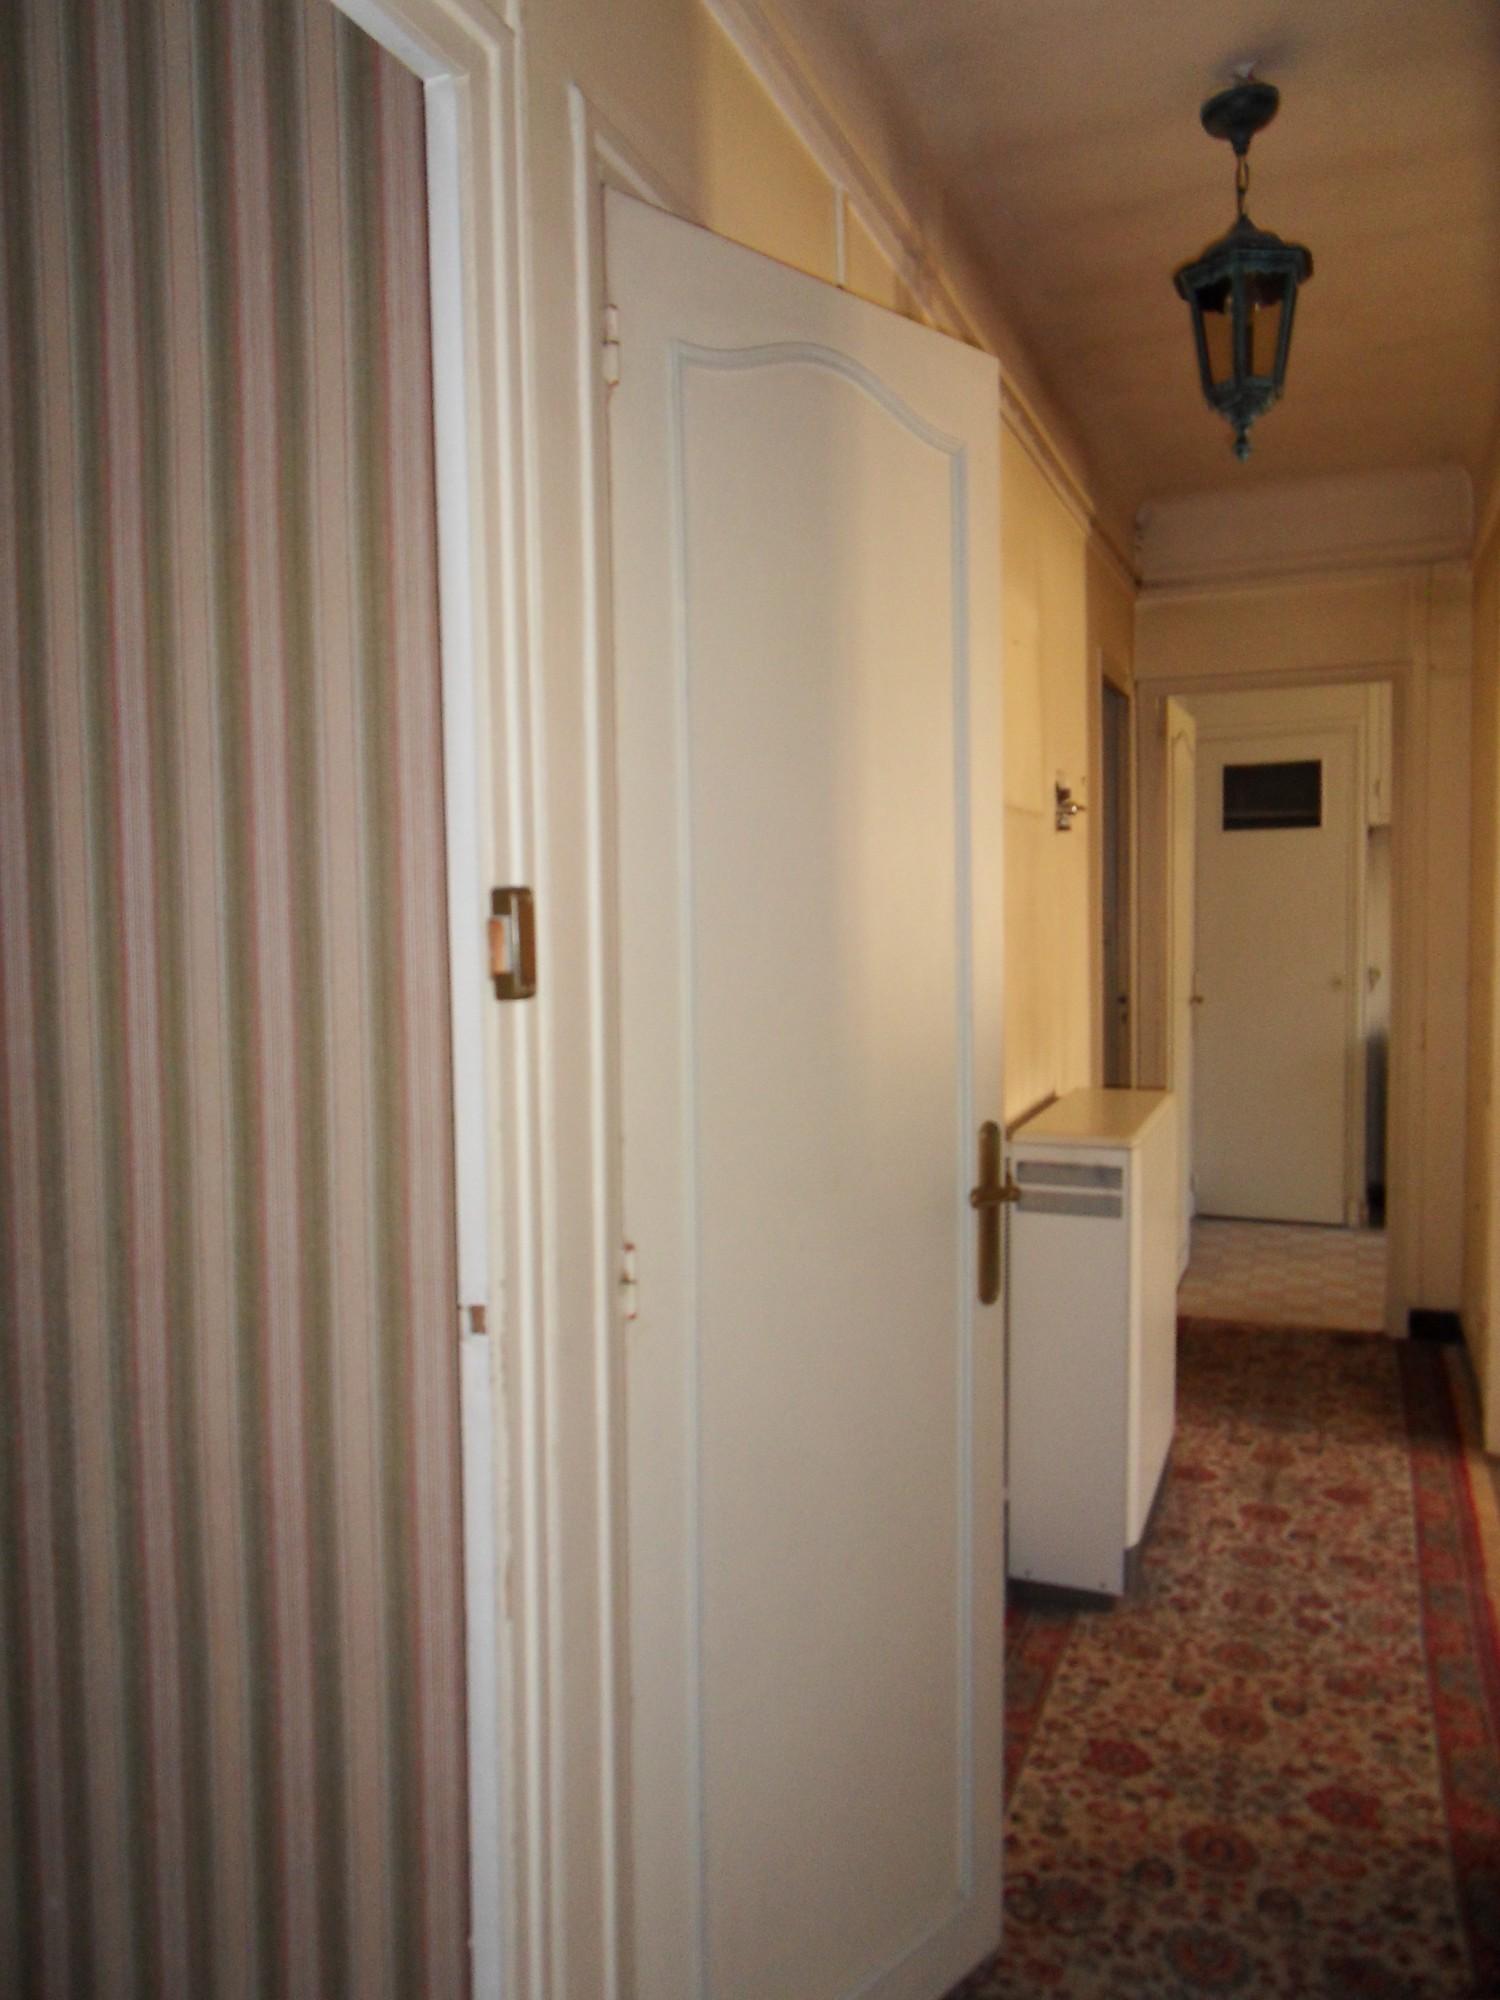 Vente Appartement T2 - Marseille 13007 - Quartier Saint Victor, proximité centre ville et Vieux Port - A rénover, faibles charges, très bien situé